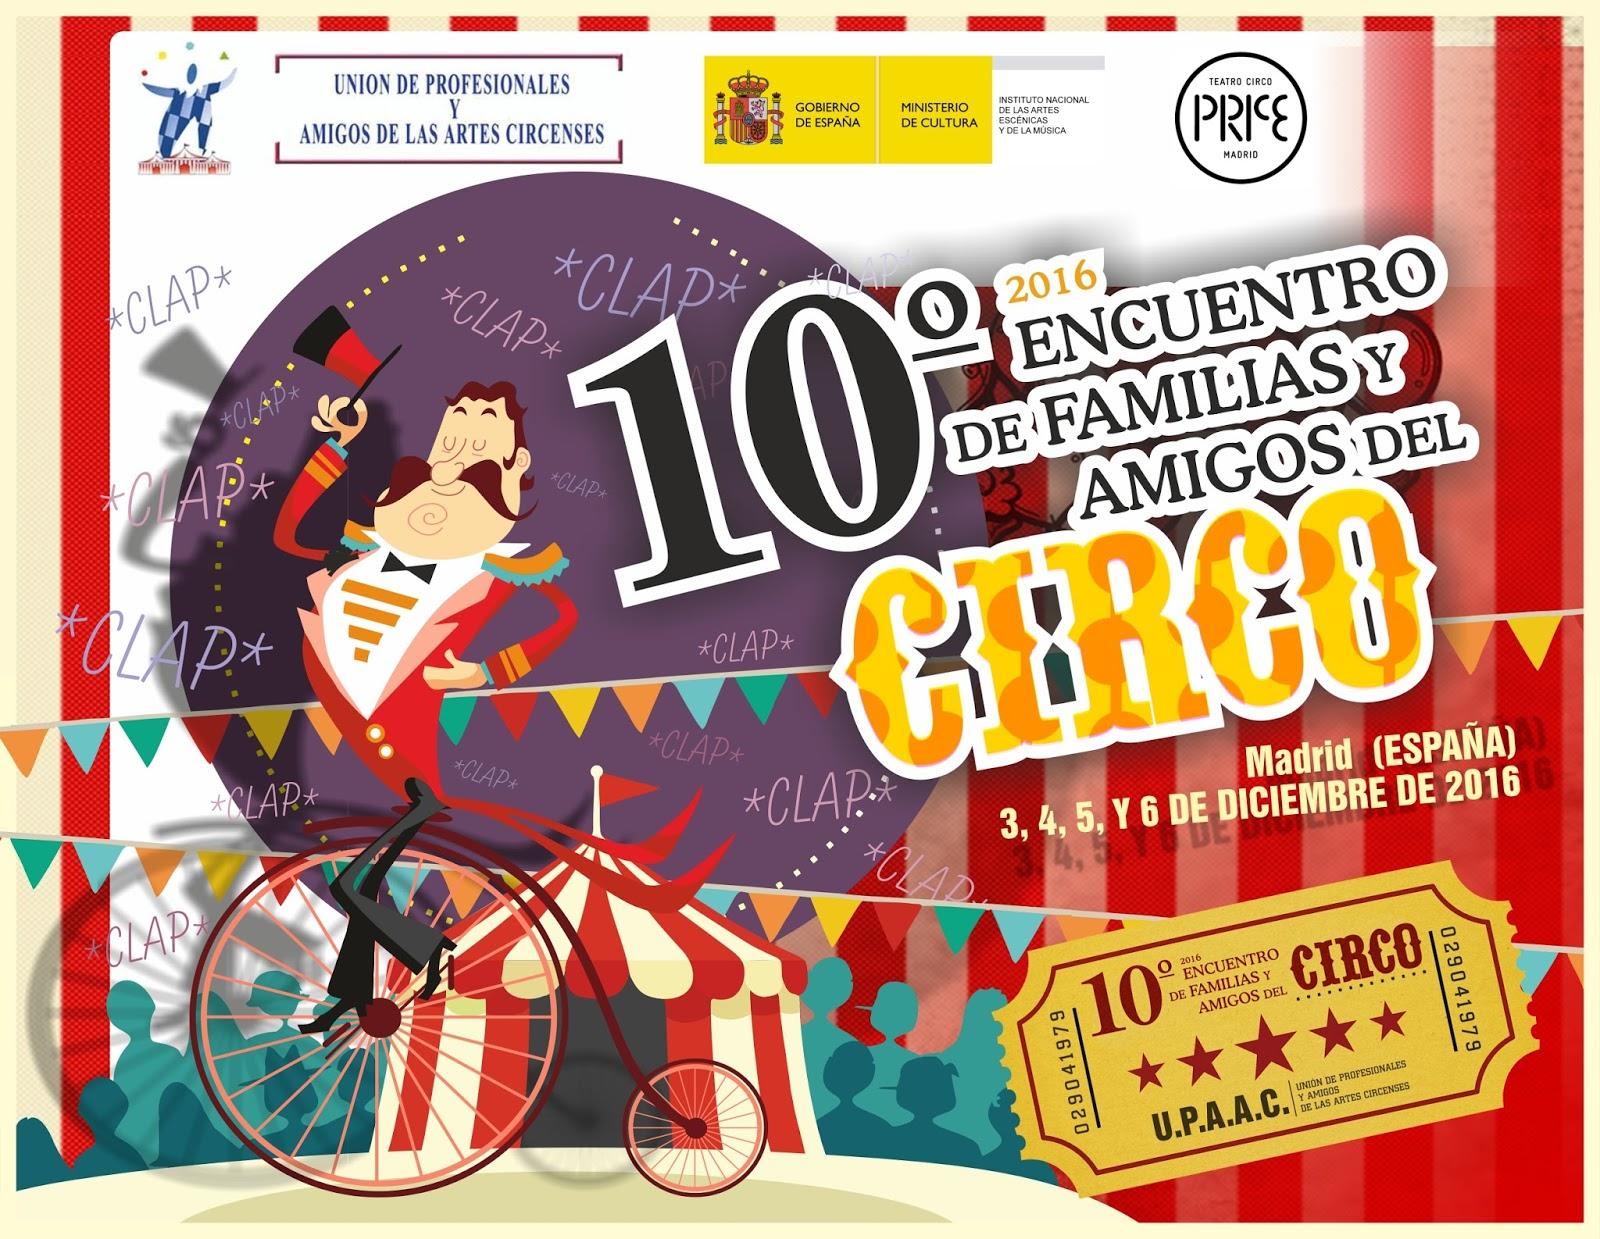 10º ENCUENTRO DE ARTISTAS Y AMIGOS DEL CIRCO